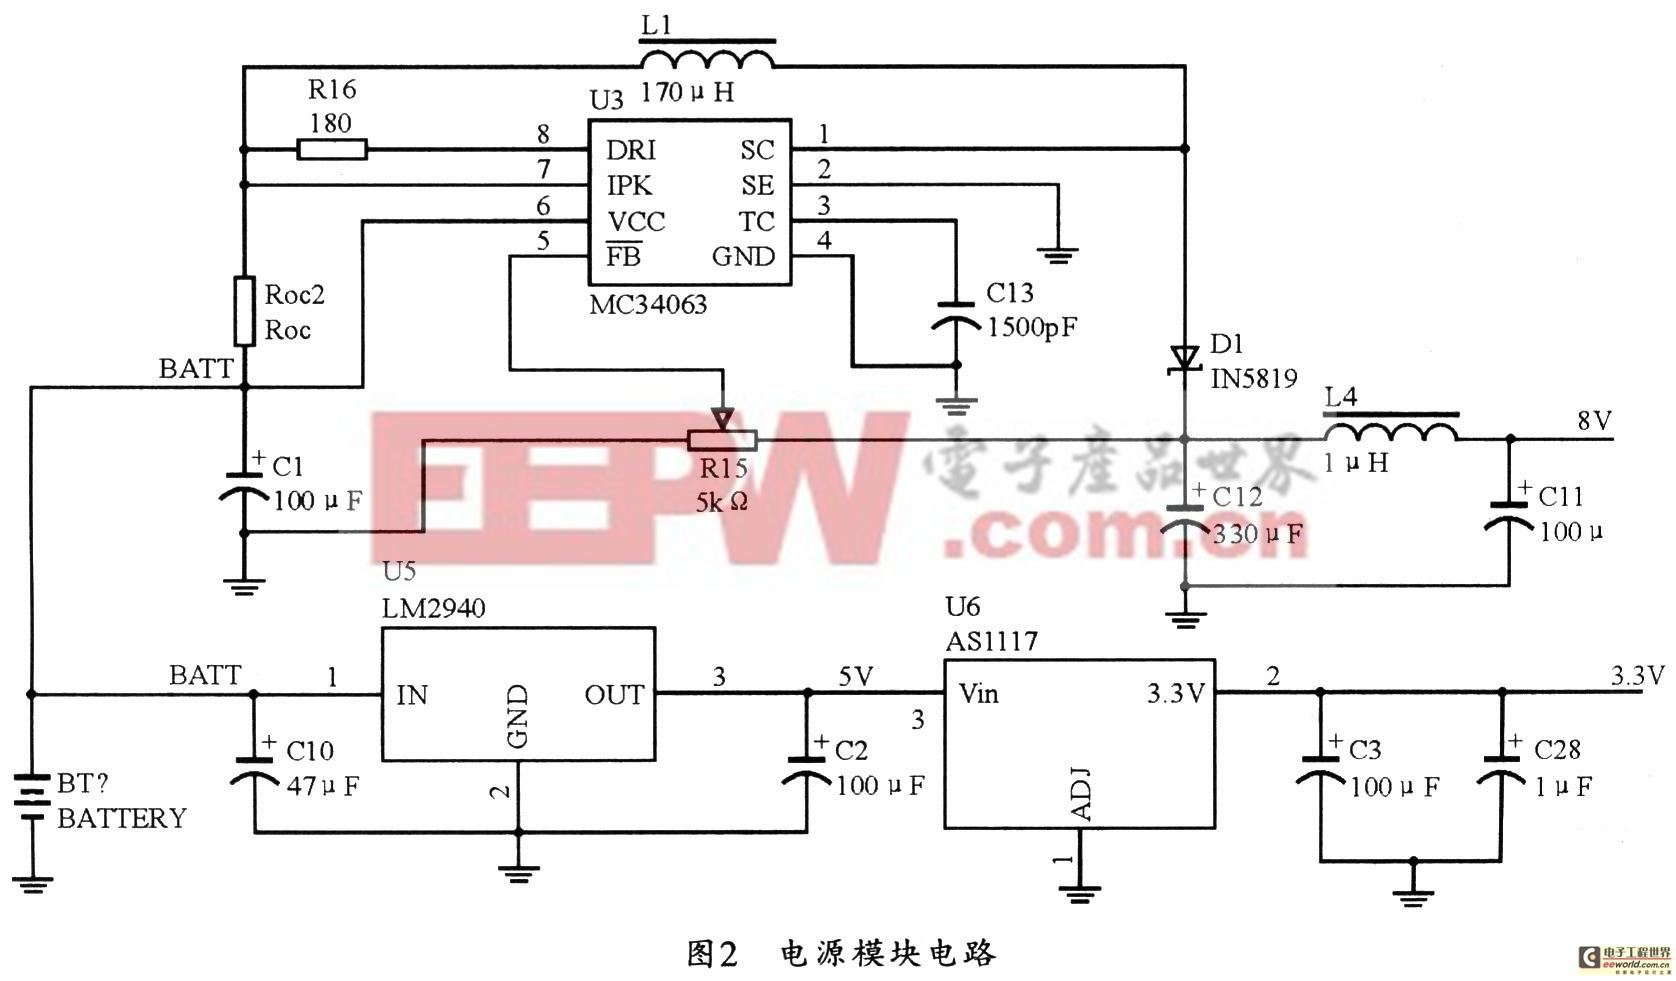 基于MC9S12DG128单片机的智能车控制系统设计